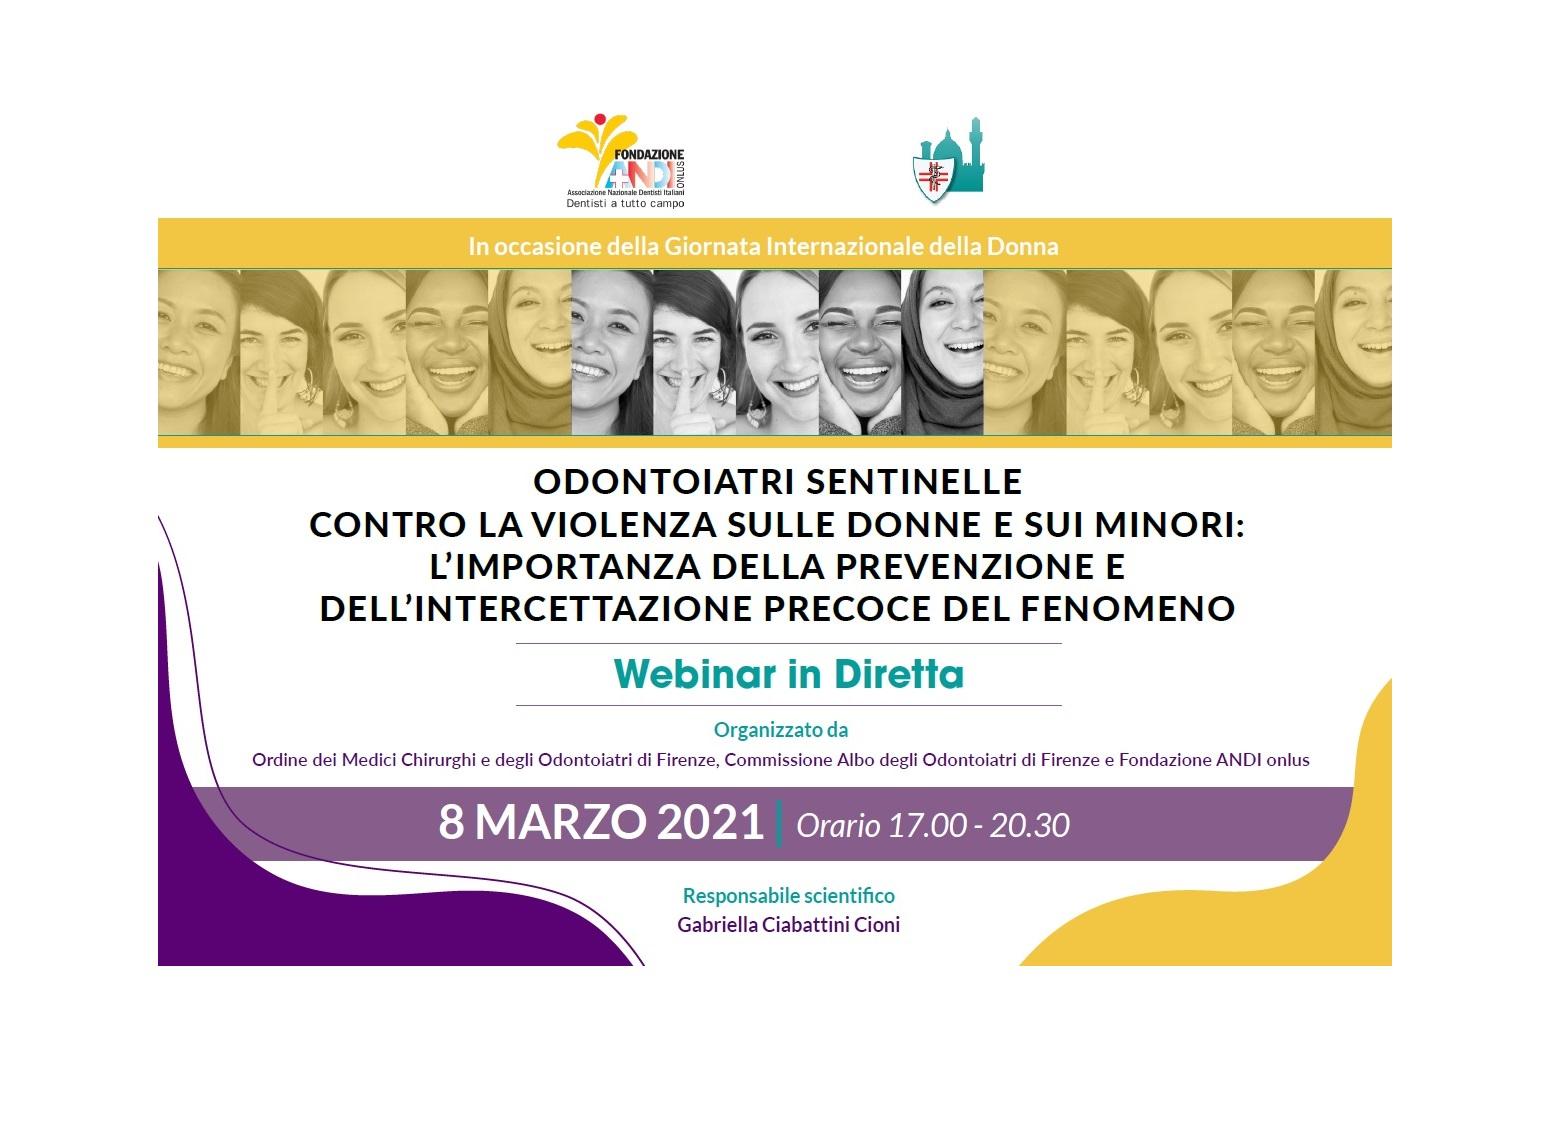 copertina locandina 8 marzo bordo 8/3/21 WEBINAR: Odontoiatri Sentinelle contro la violenza sulle donne e sui minori: l'importanza della prevenzione e dell'intercettazione precoce del fenomeno